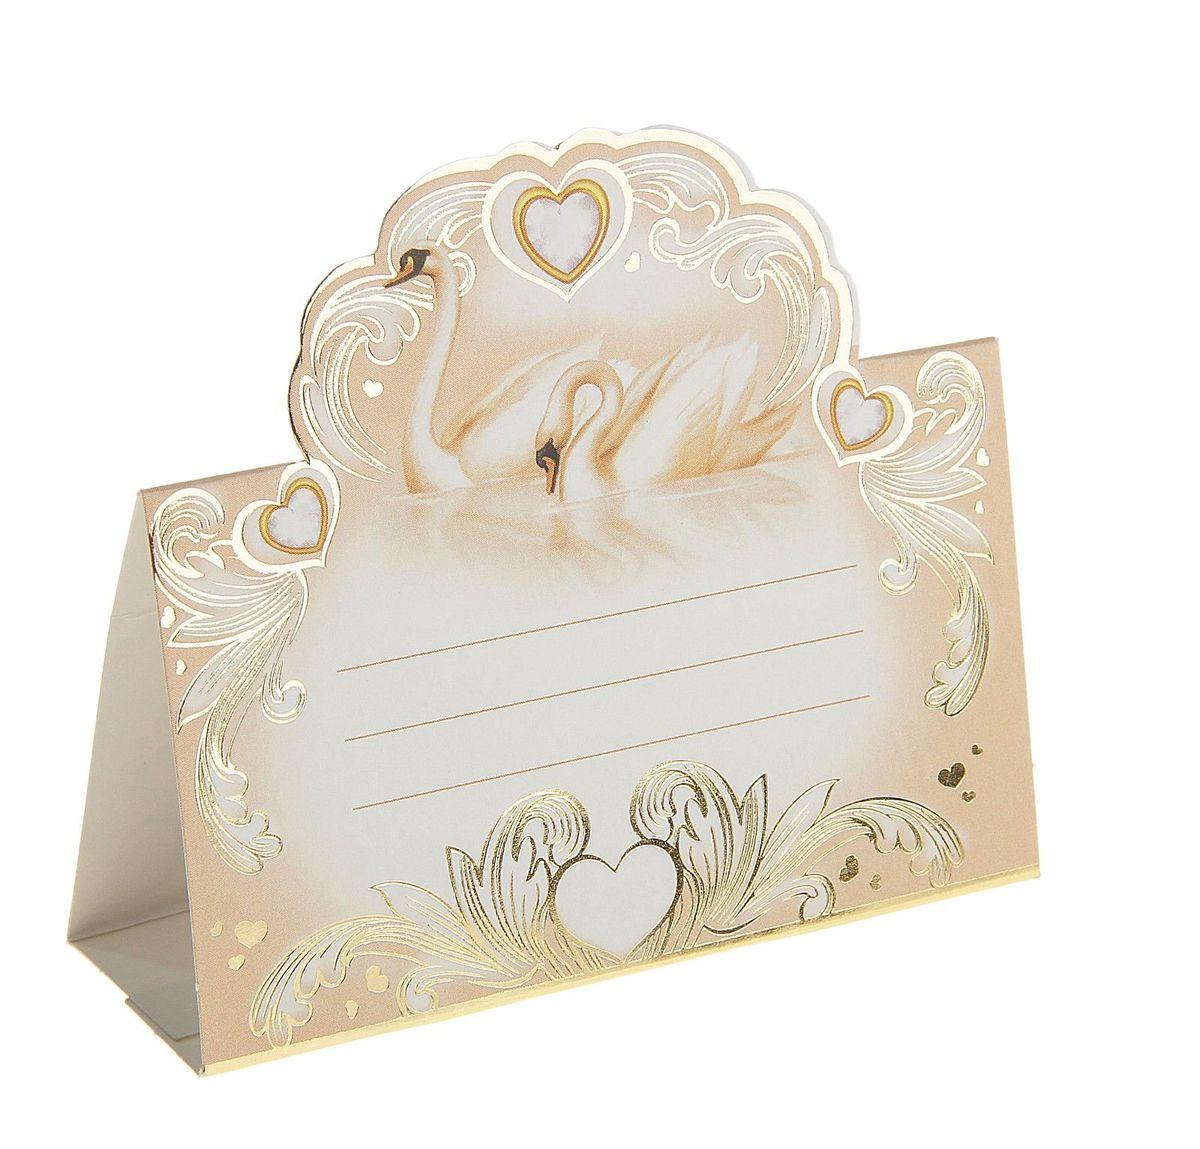 Мир открыток Банкетная карточка. 778443RSP-202SКрасиво оформленный свадебный стол— это эффектное, неординарное и очень значимое обрамление для проведения любого запланированного вами торжества. Банкетная карточка — это красивое и оригинальное украшение зала, которое дополнит выдержанный стиль мероприятия и передаст праздничное настроение вам и вашим гостям.